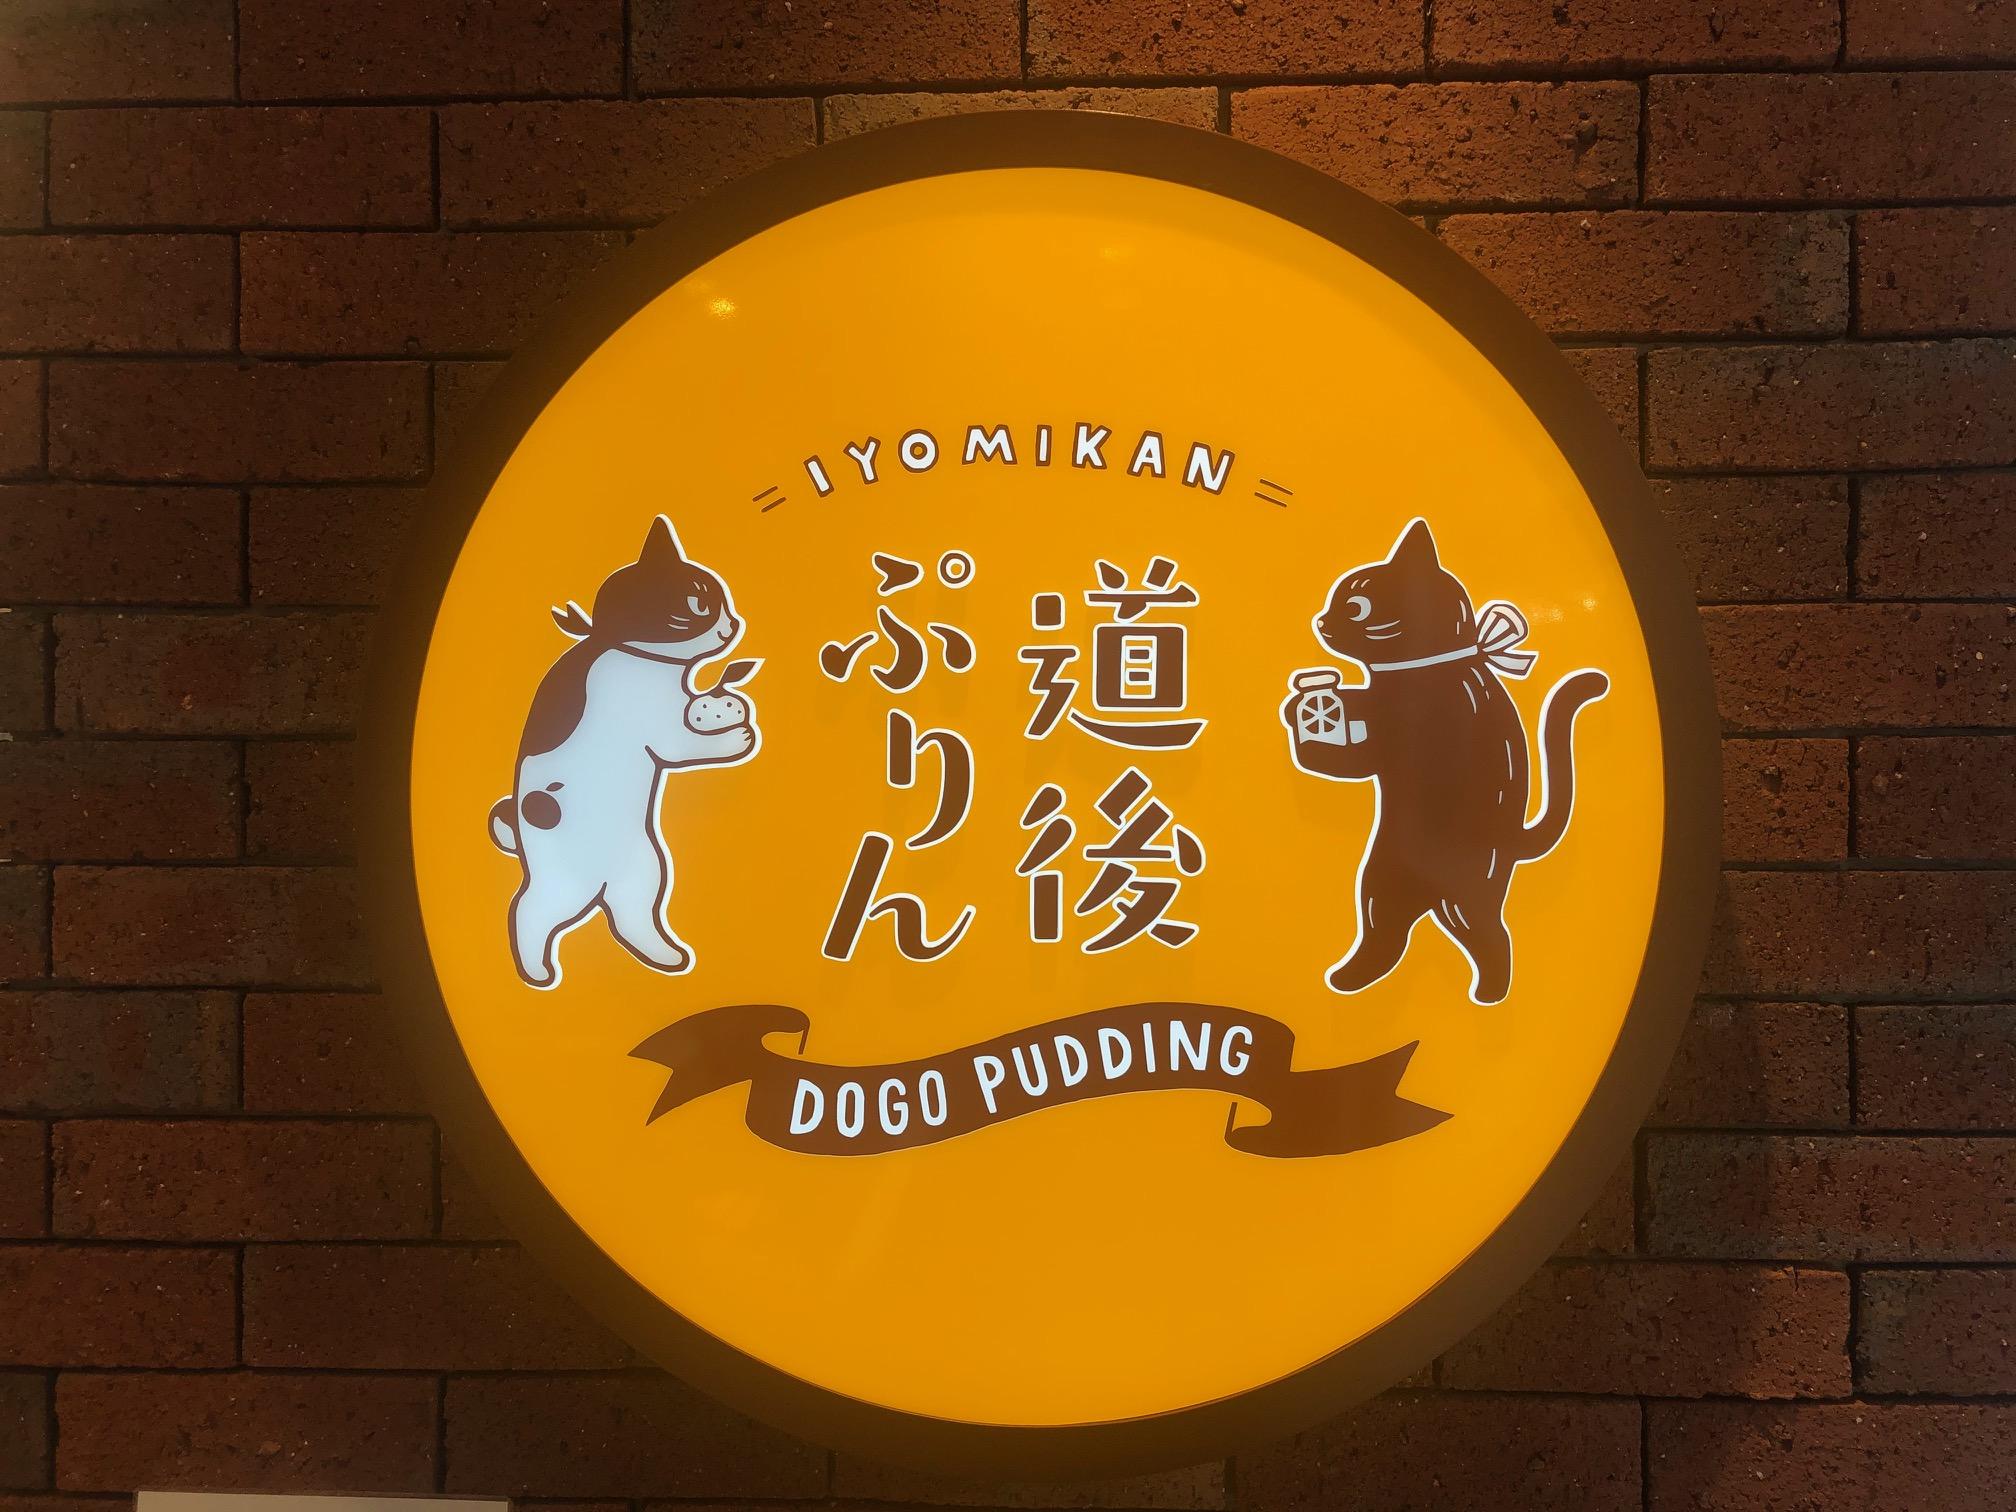 【松山市駅店】道後ぷりん